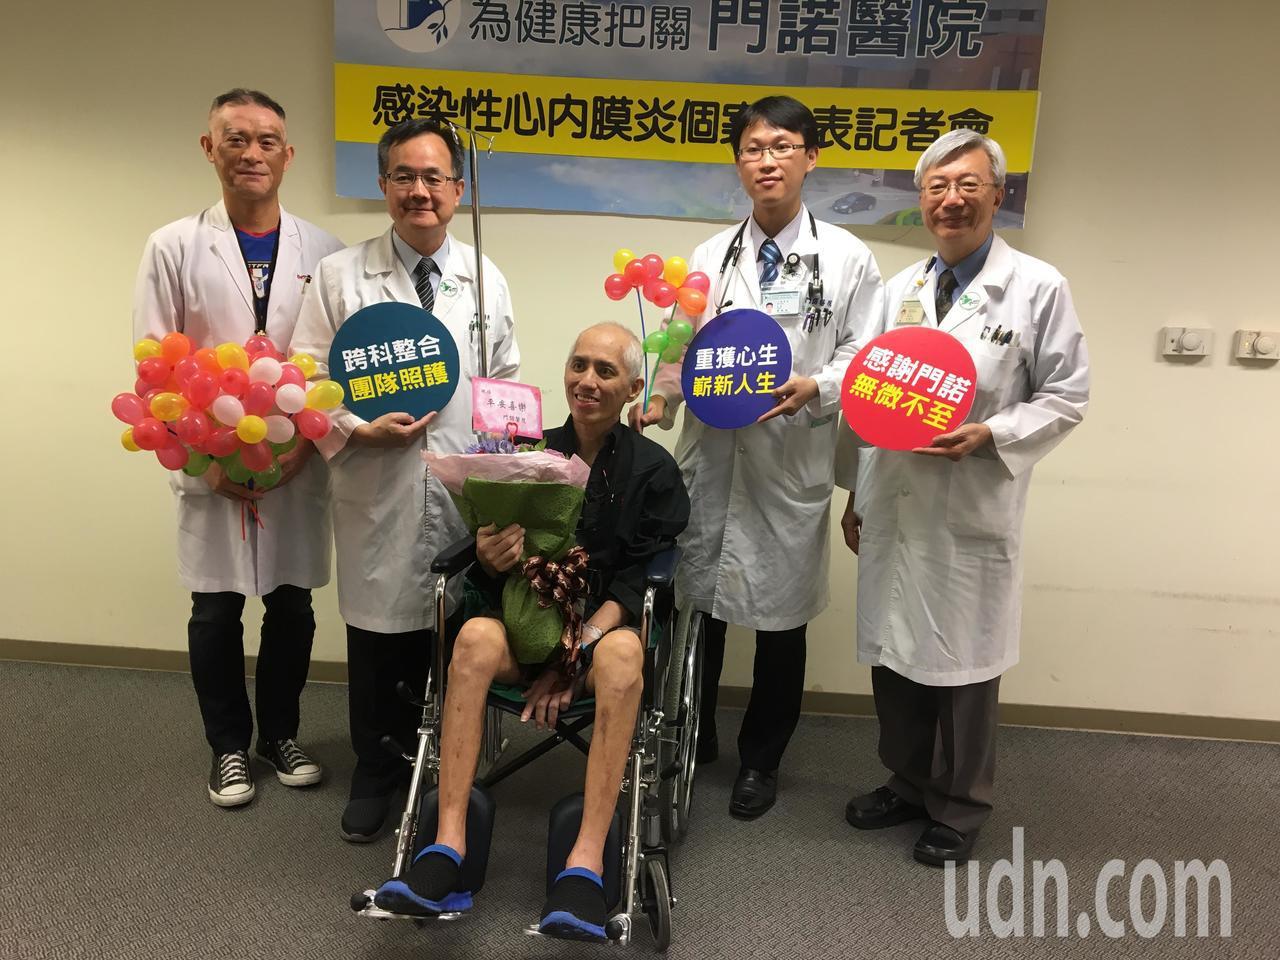 52歲的林姓男子(中)因口腔細菌,感染心內膜炎,經花蓮門諾醫院醫療團隊救治才挽回...